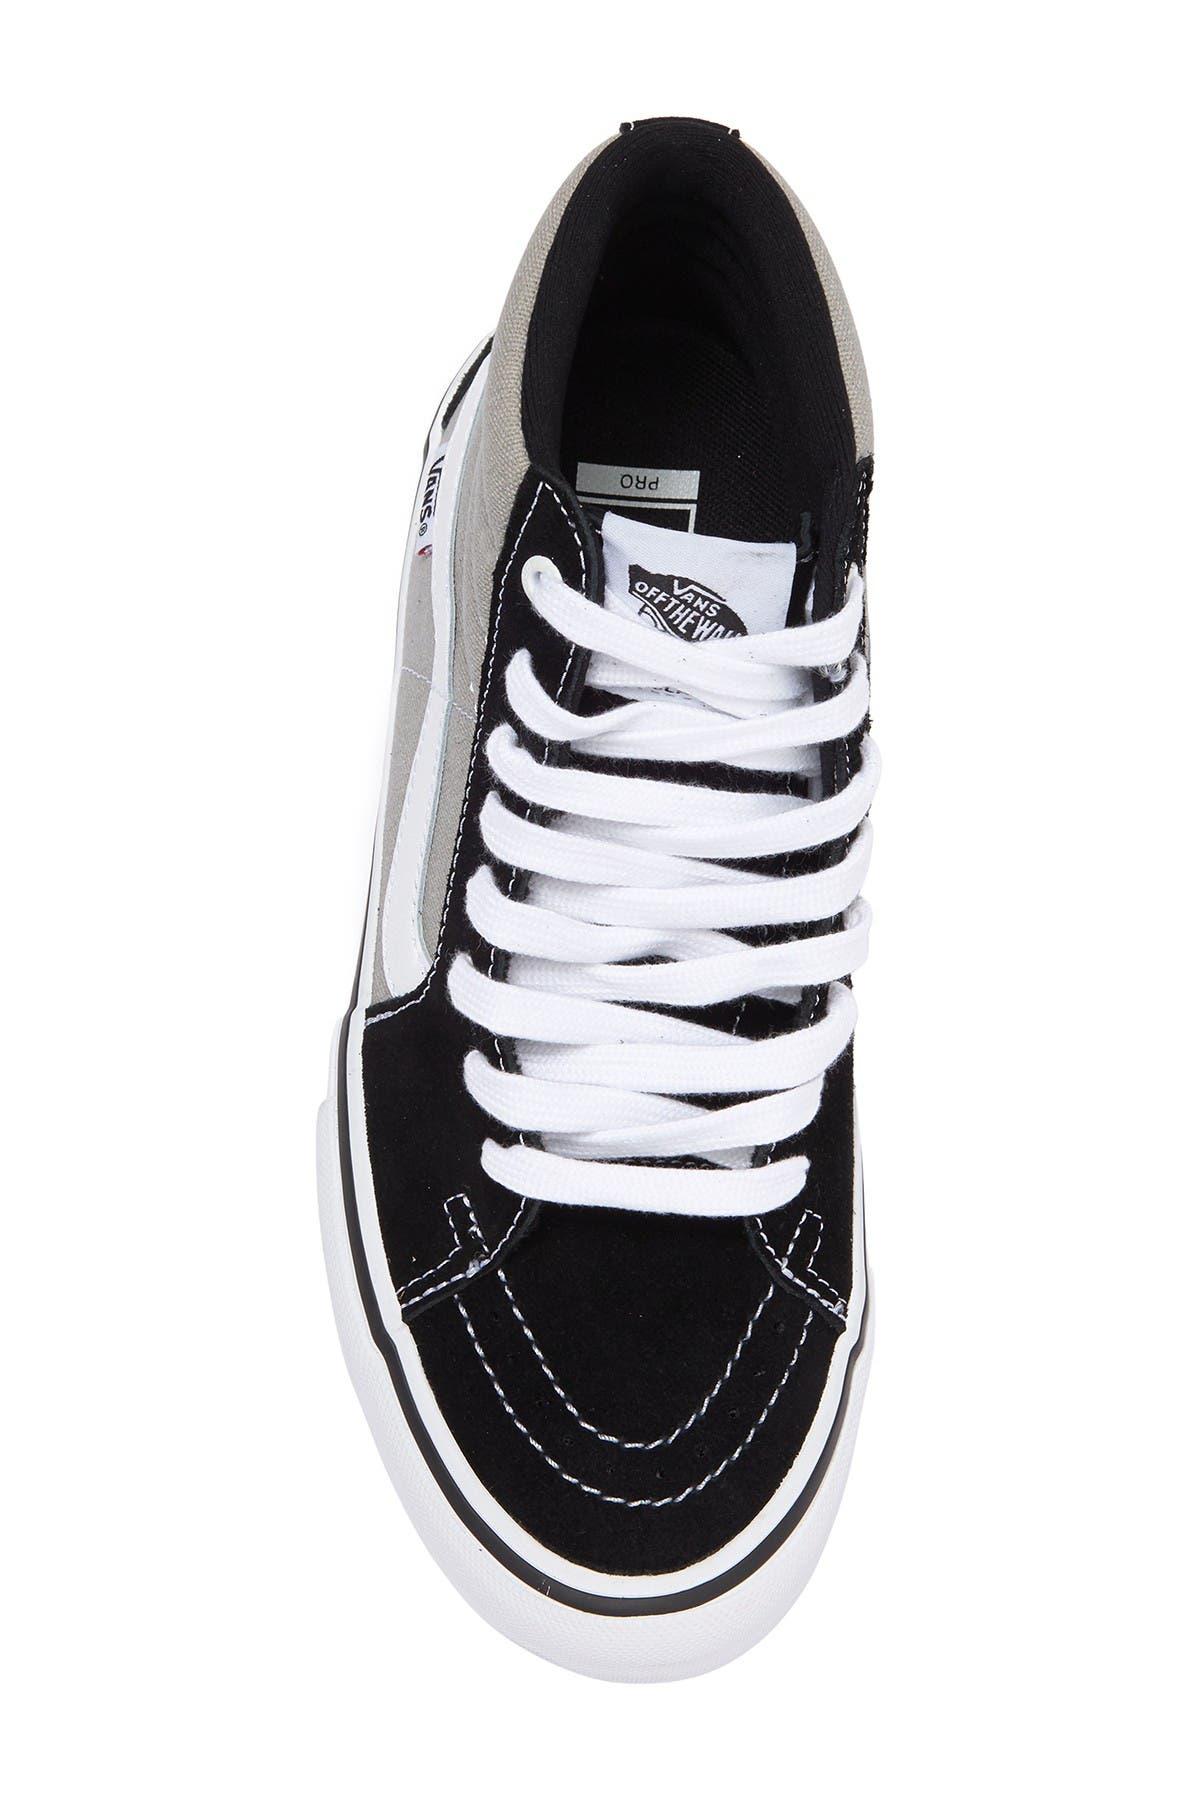 Image of VANS Sk8-Hi Pro Sneaker